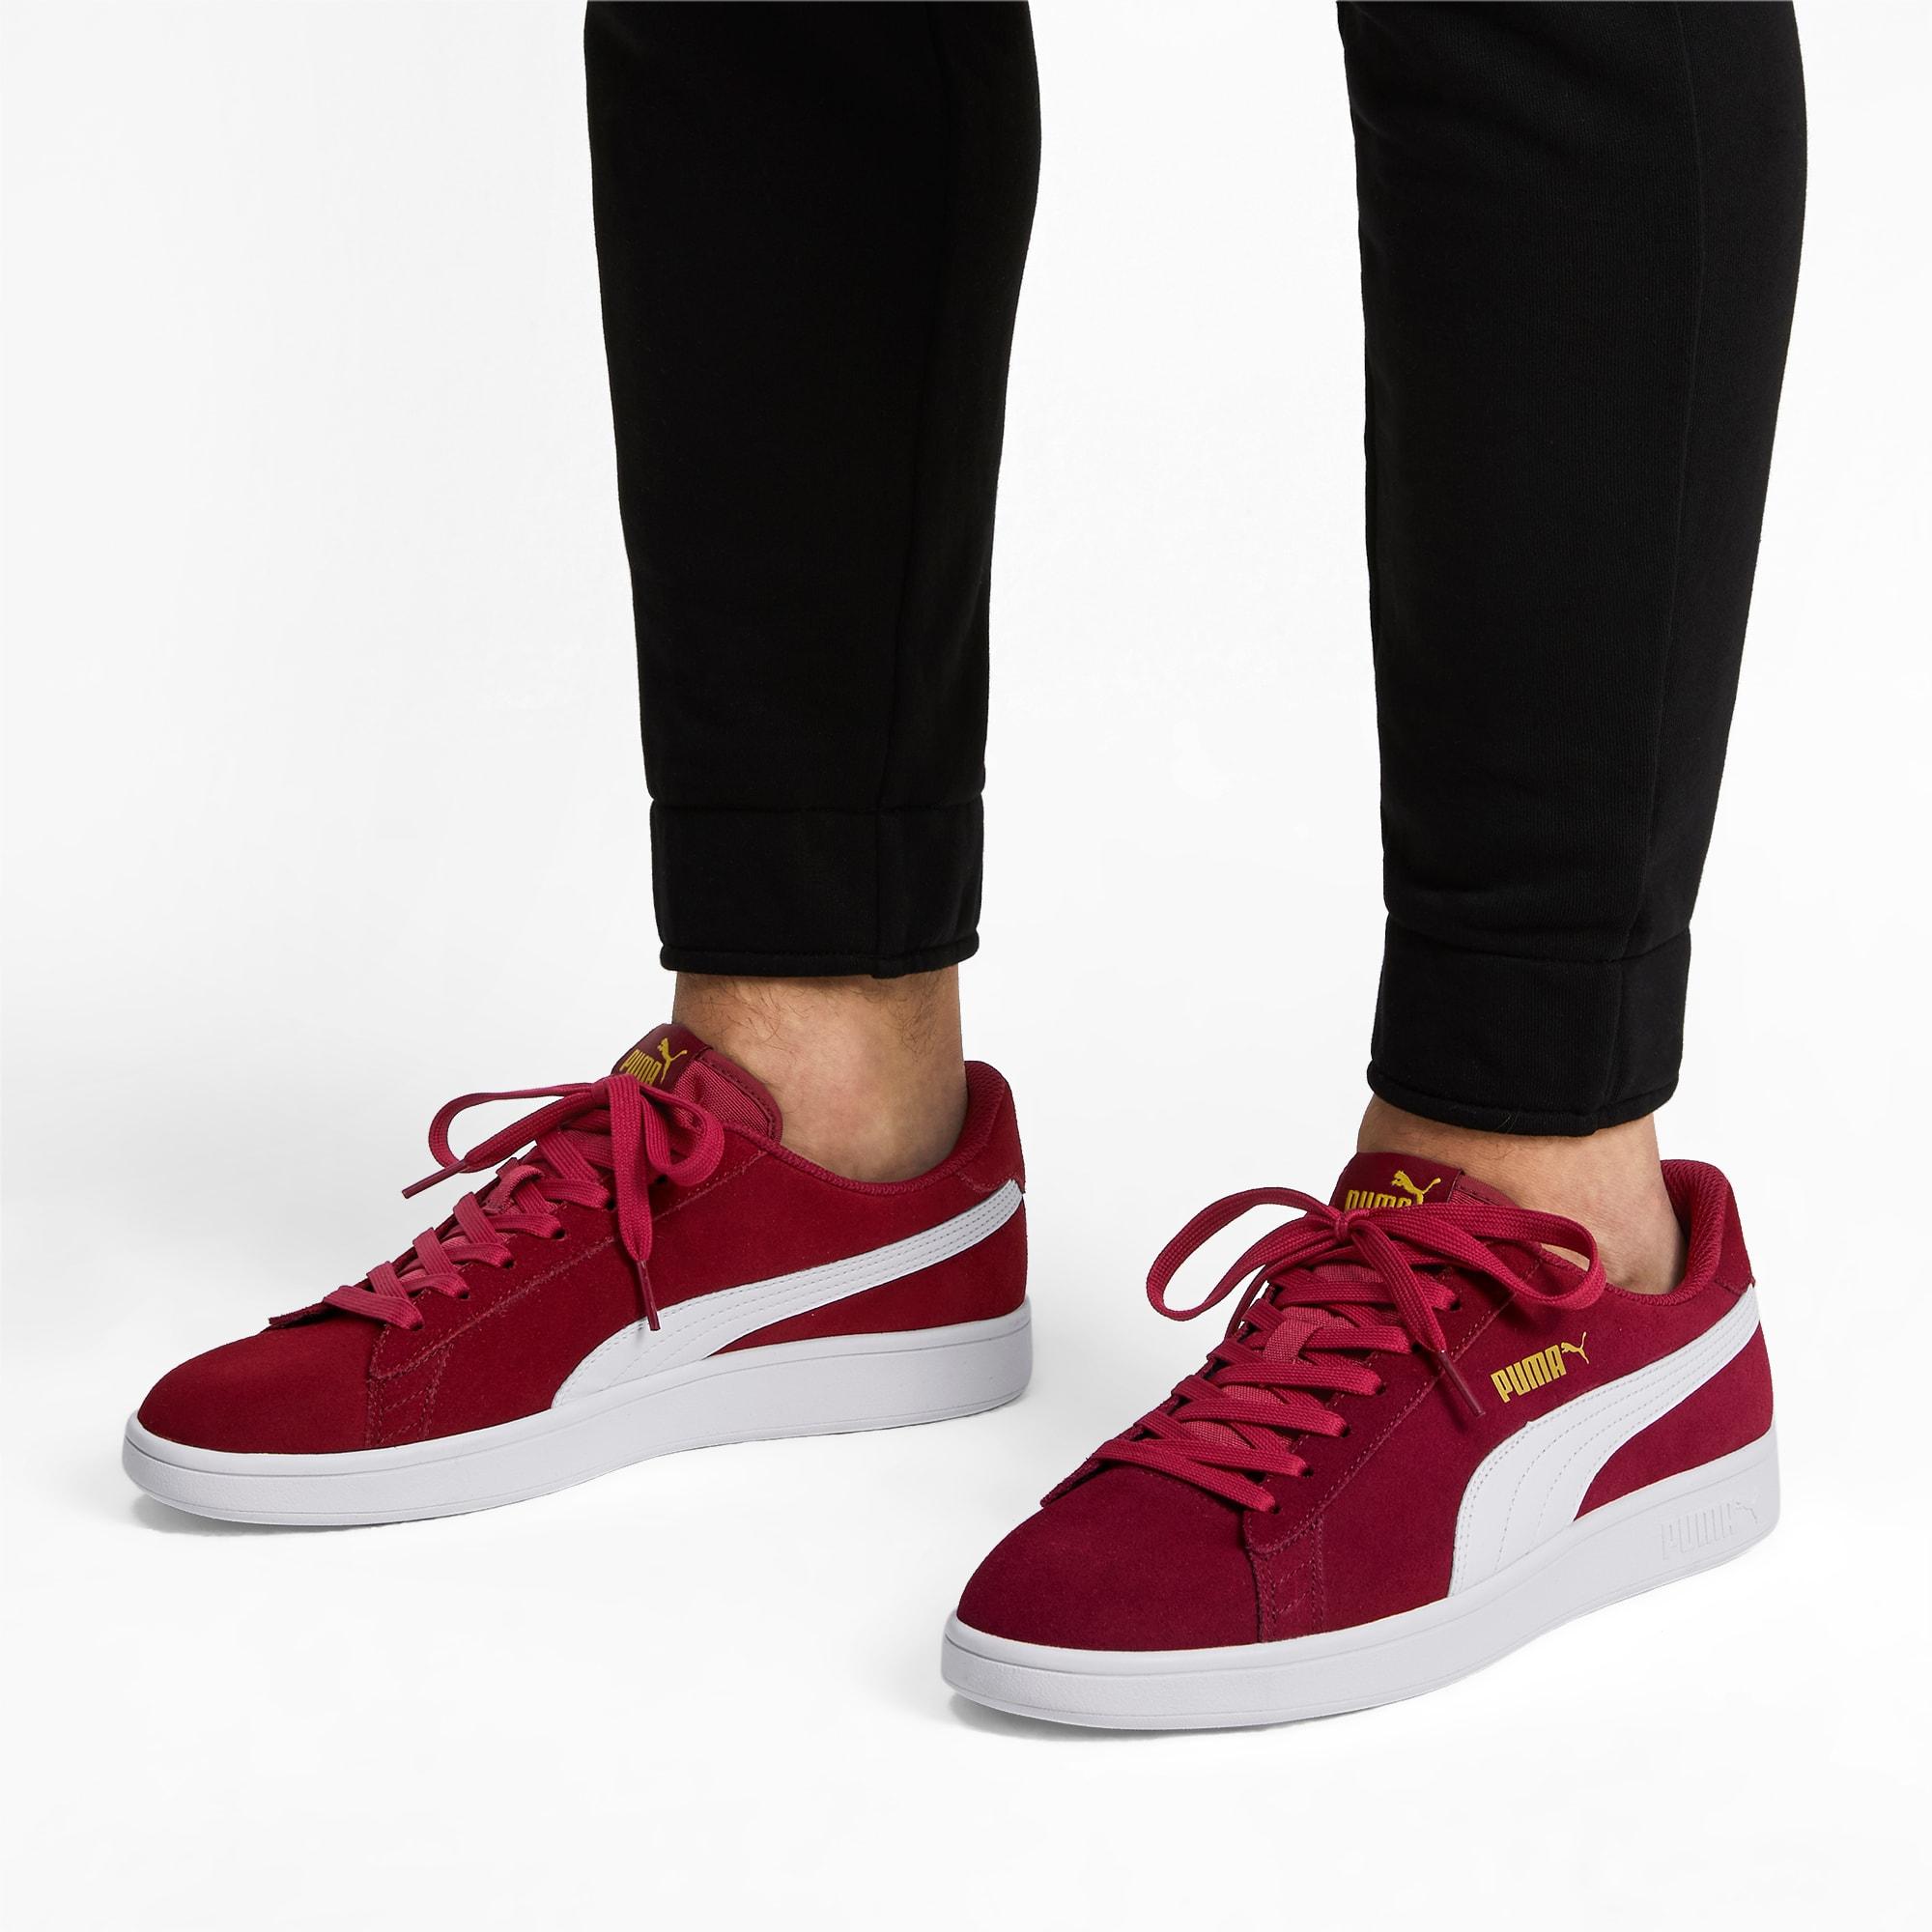 scarpe puma 29